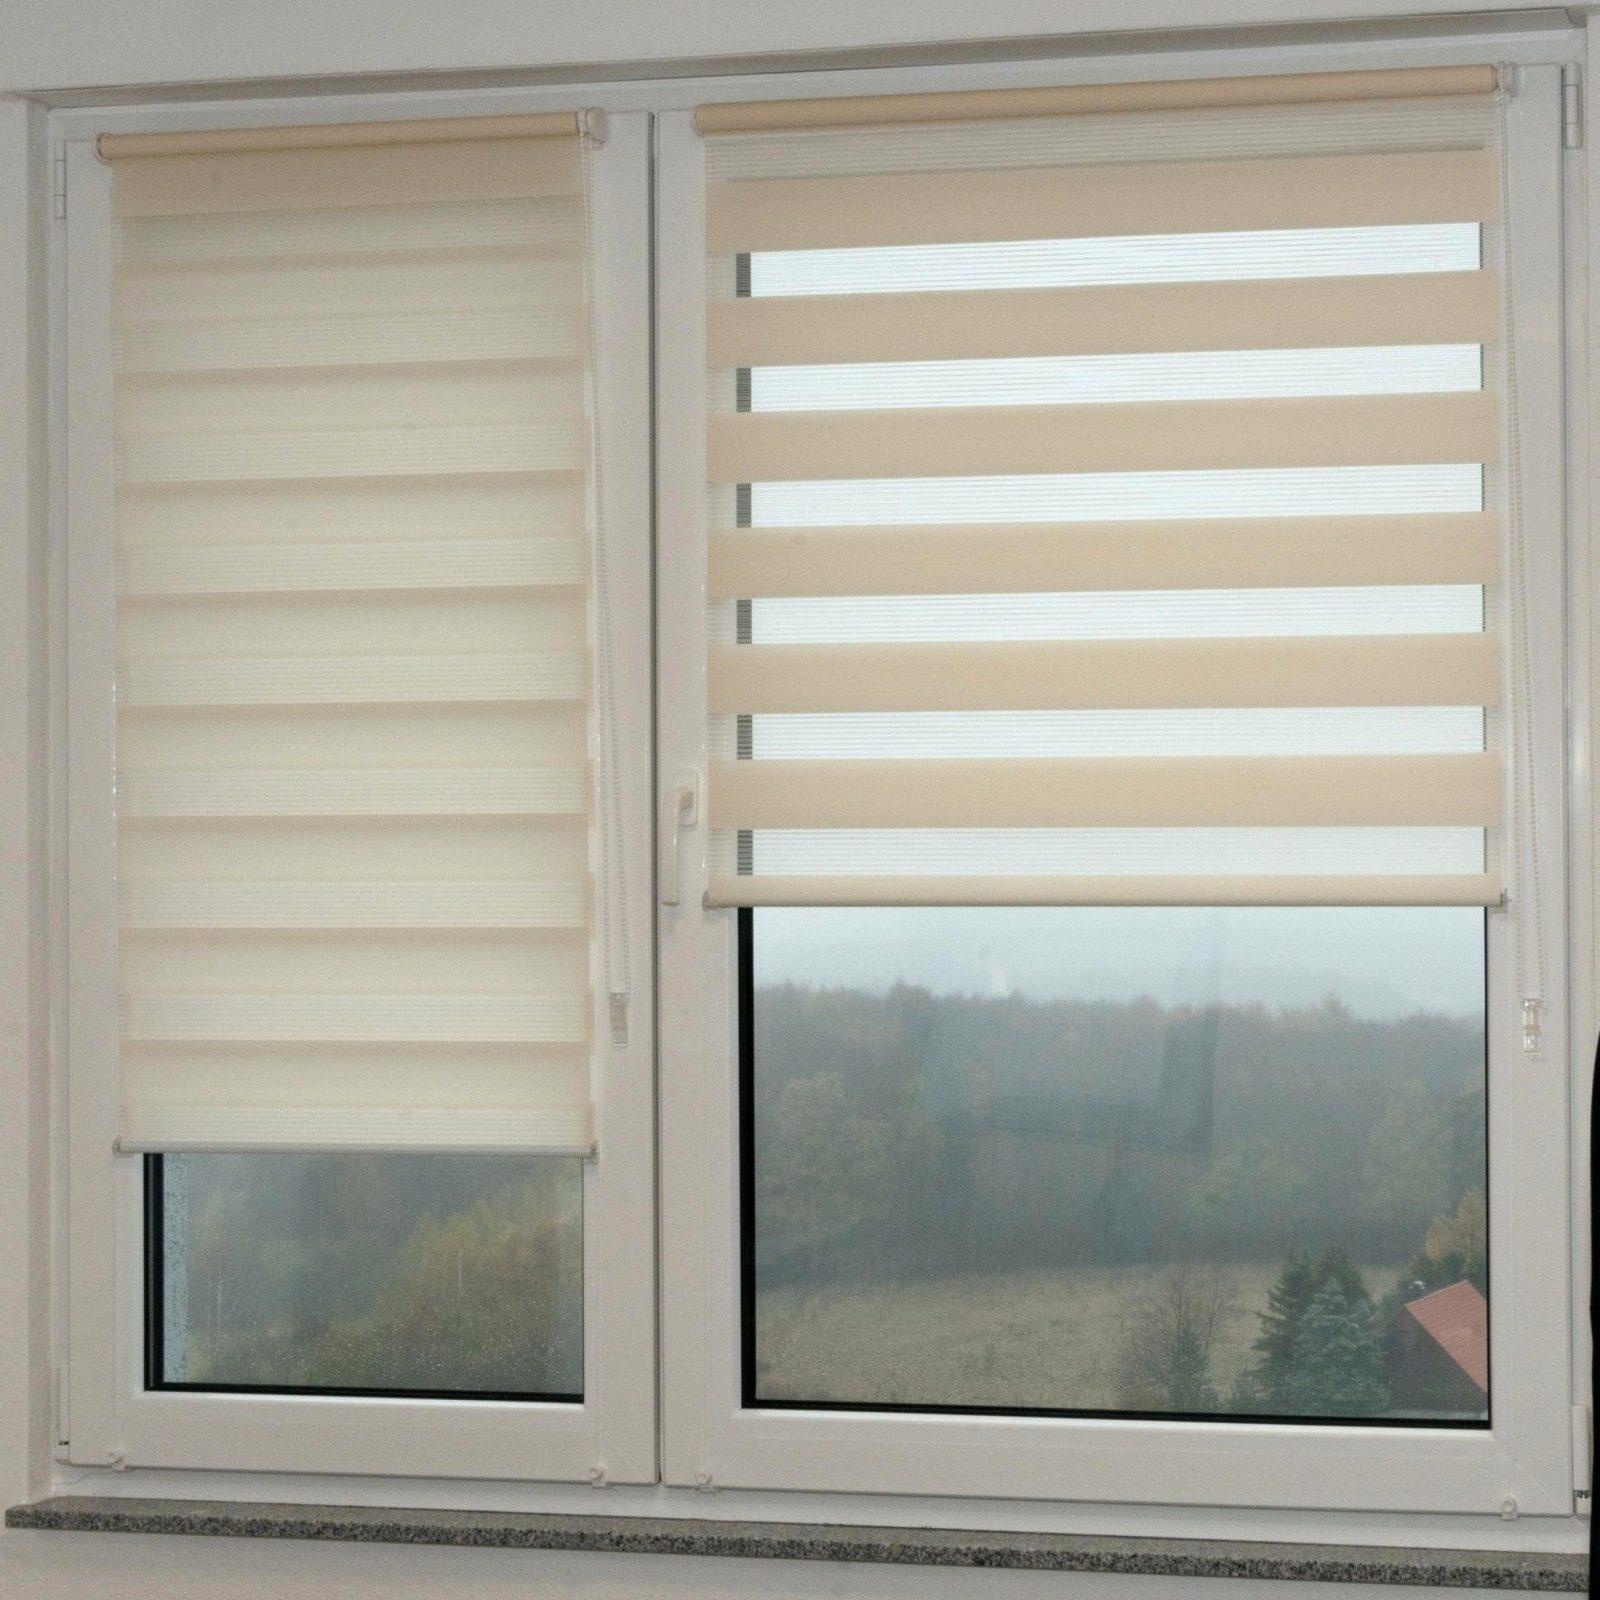 Ziemlich Fenster Jalousien Innen Ohne Bohren Rollos Fabulous von Jalousien Innen Ohne Bohren Photo